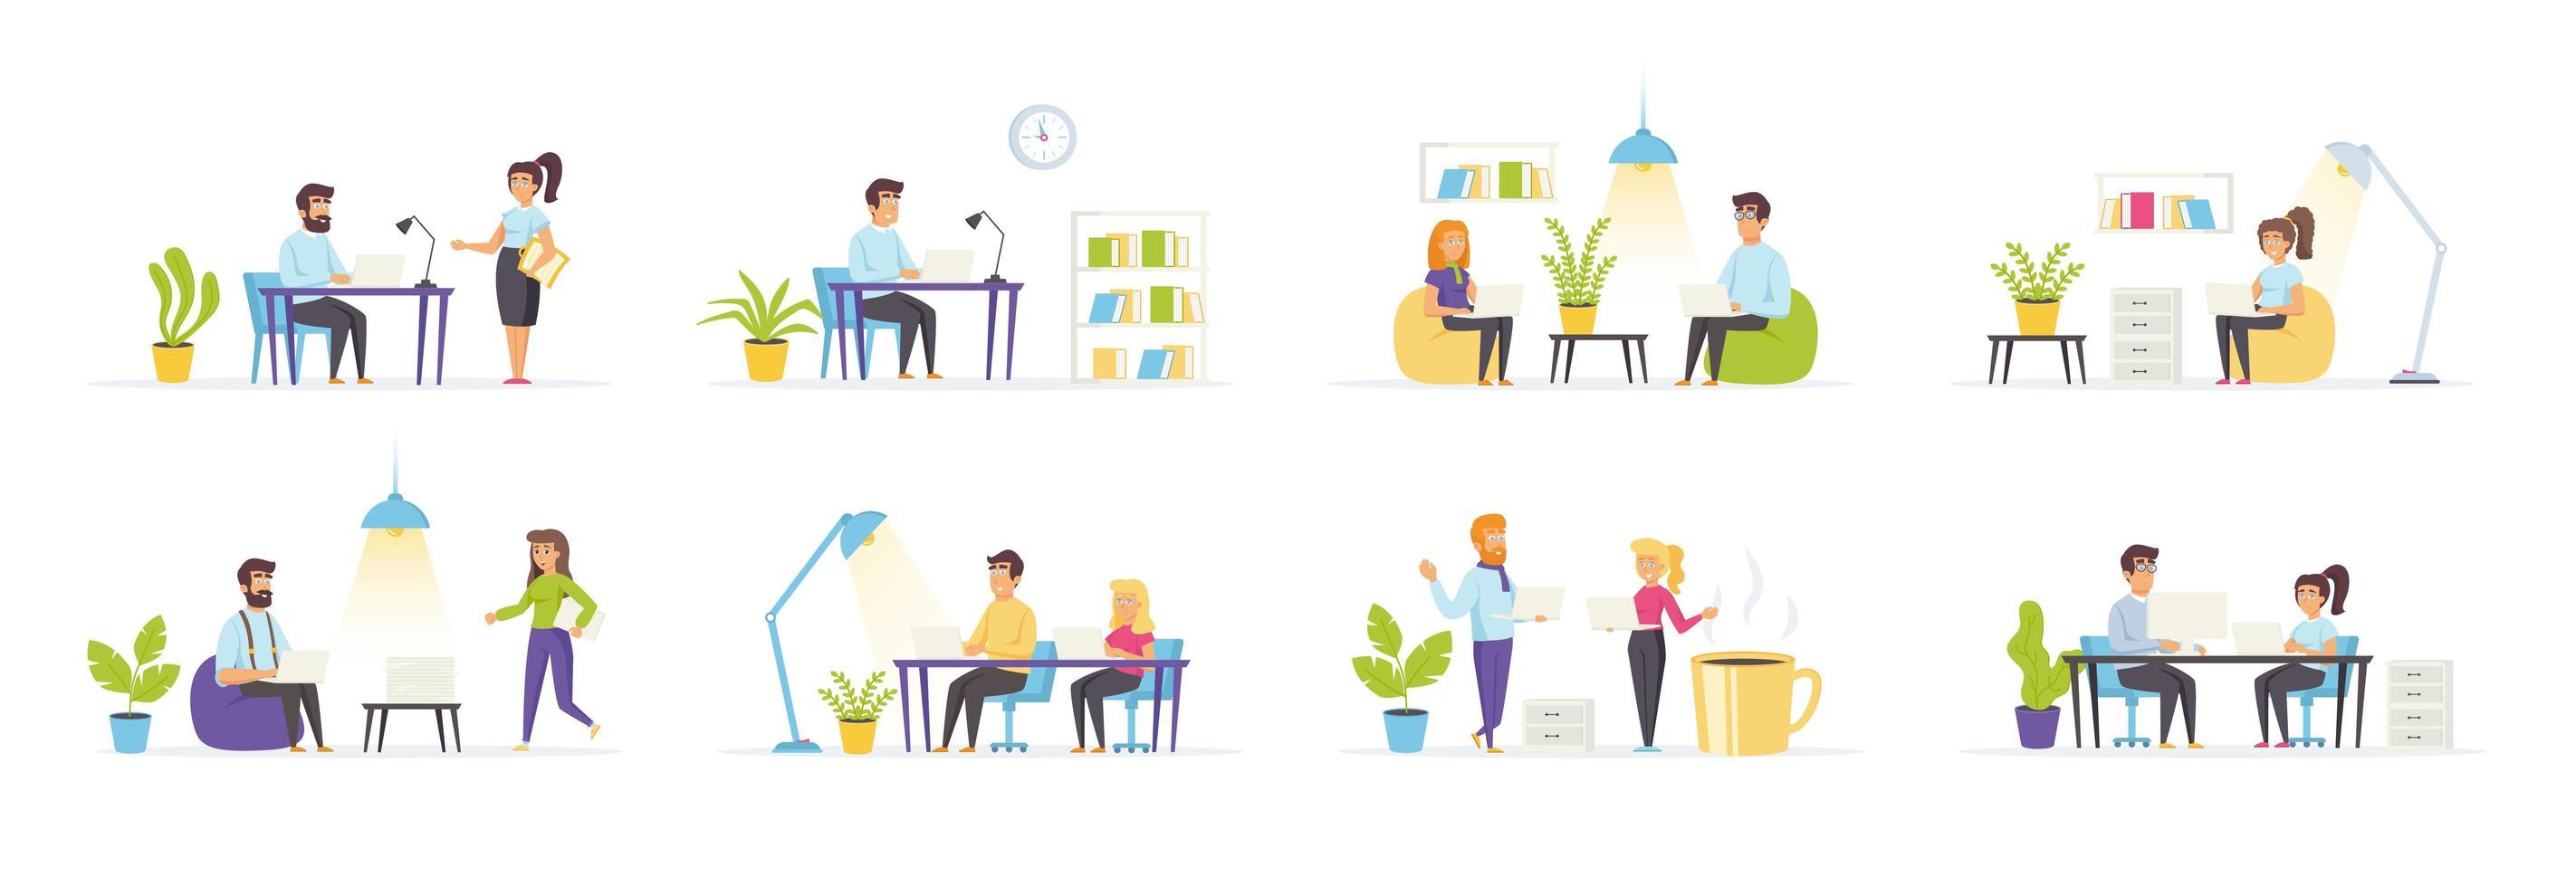 coworking-ruimte met personagekarakters vector